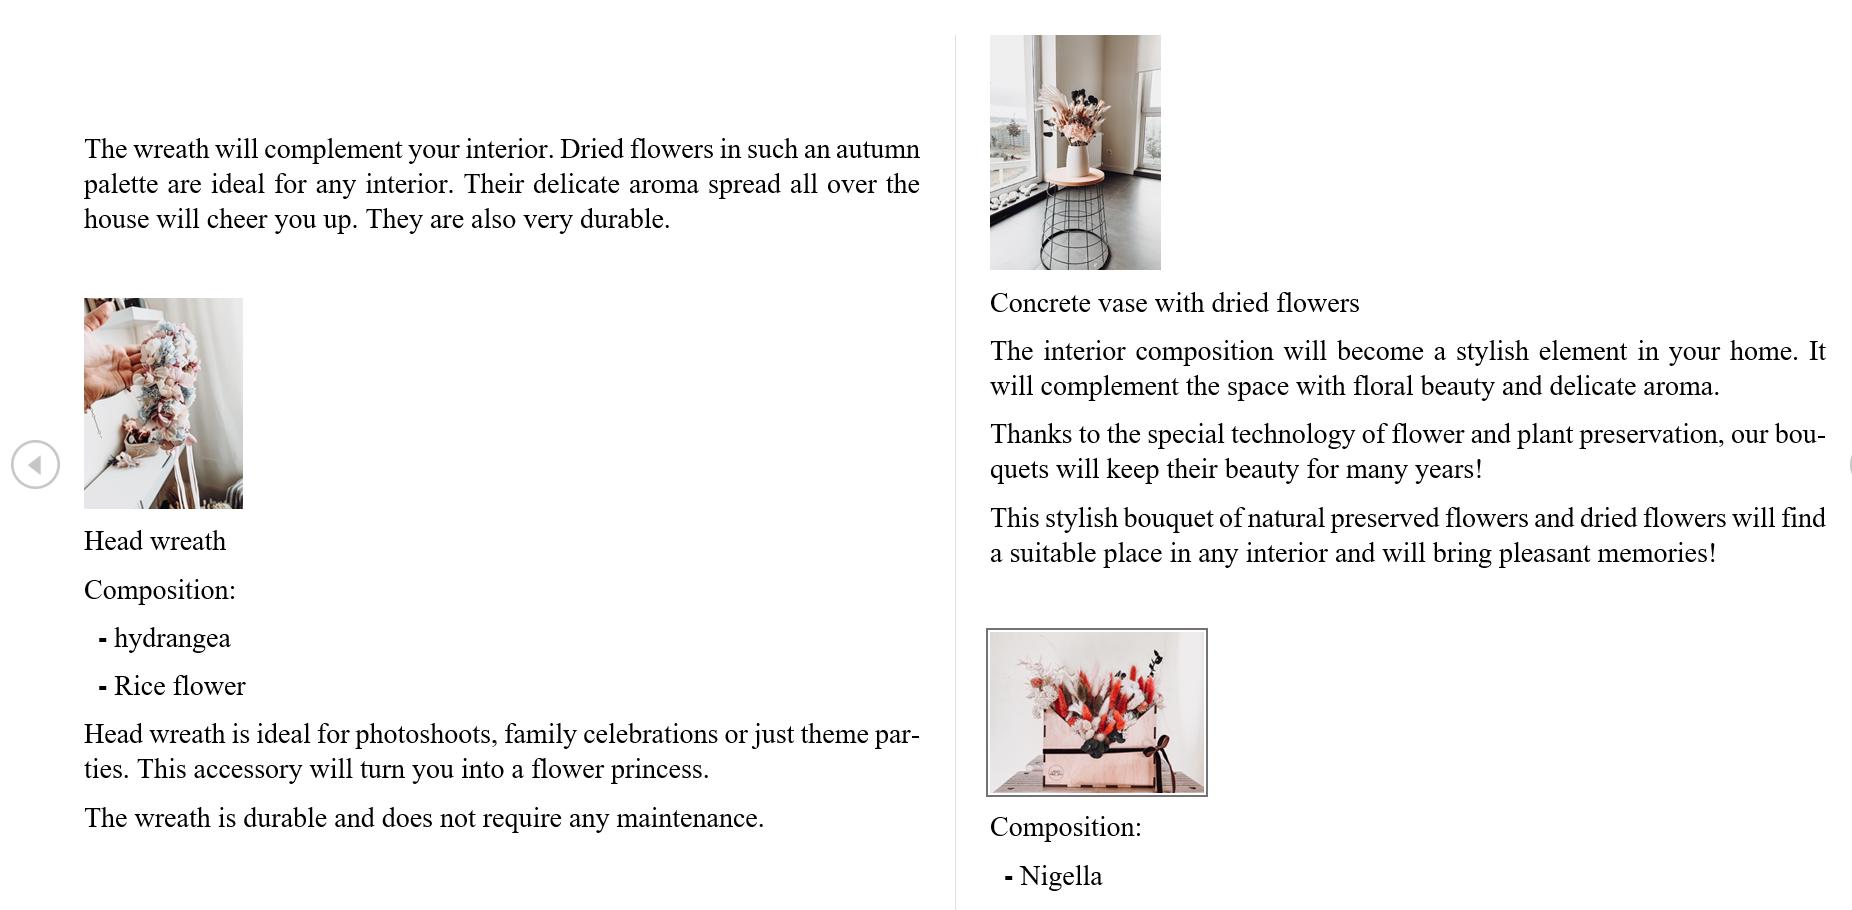 Фото Перевод (рус-англ) описания товаров онлайн-магазина флористики на иностранной площадке Etsy